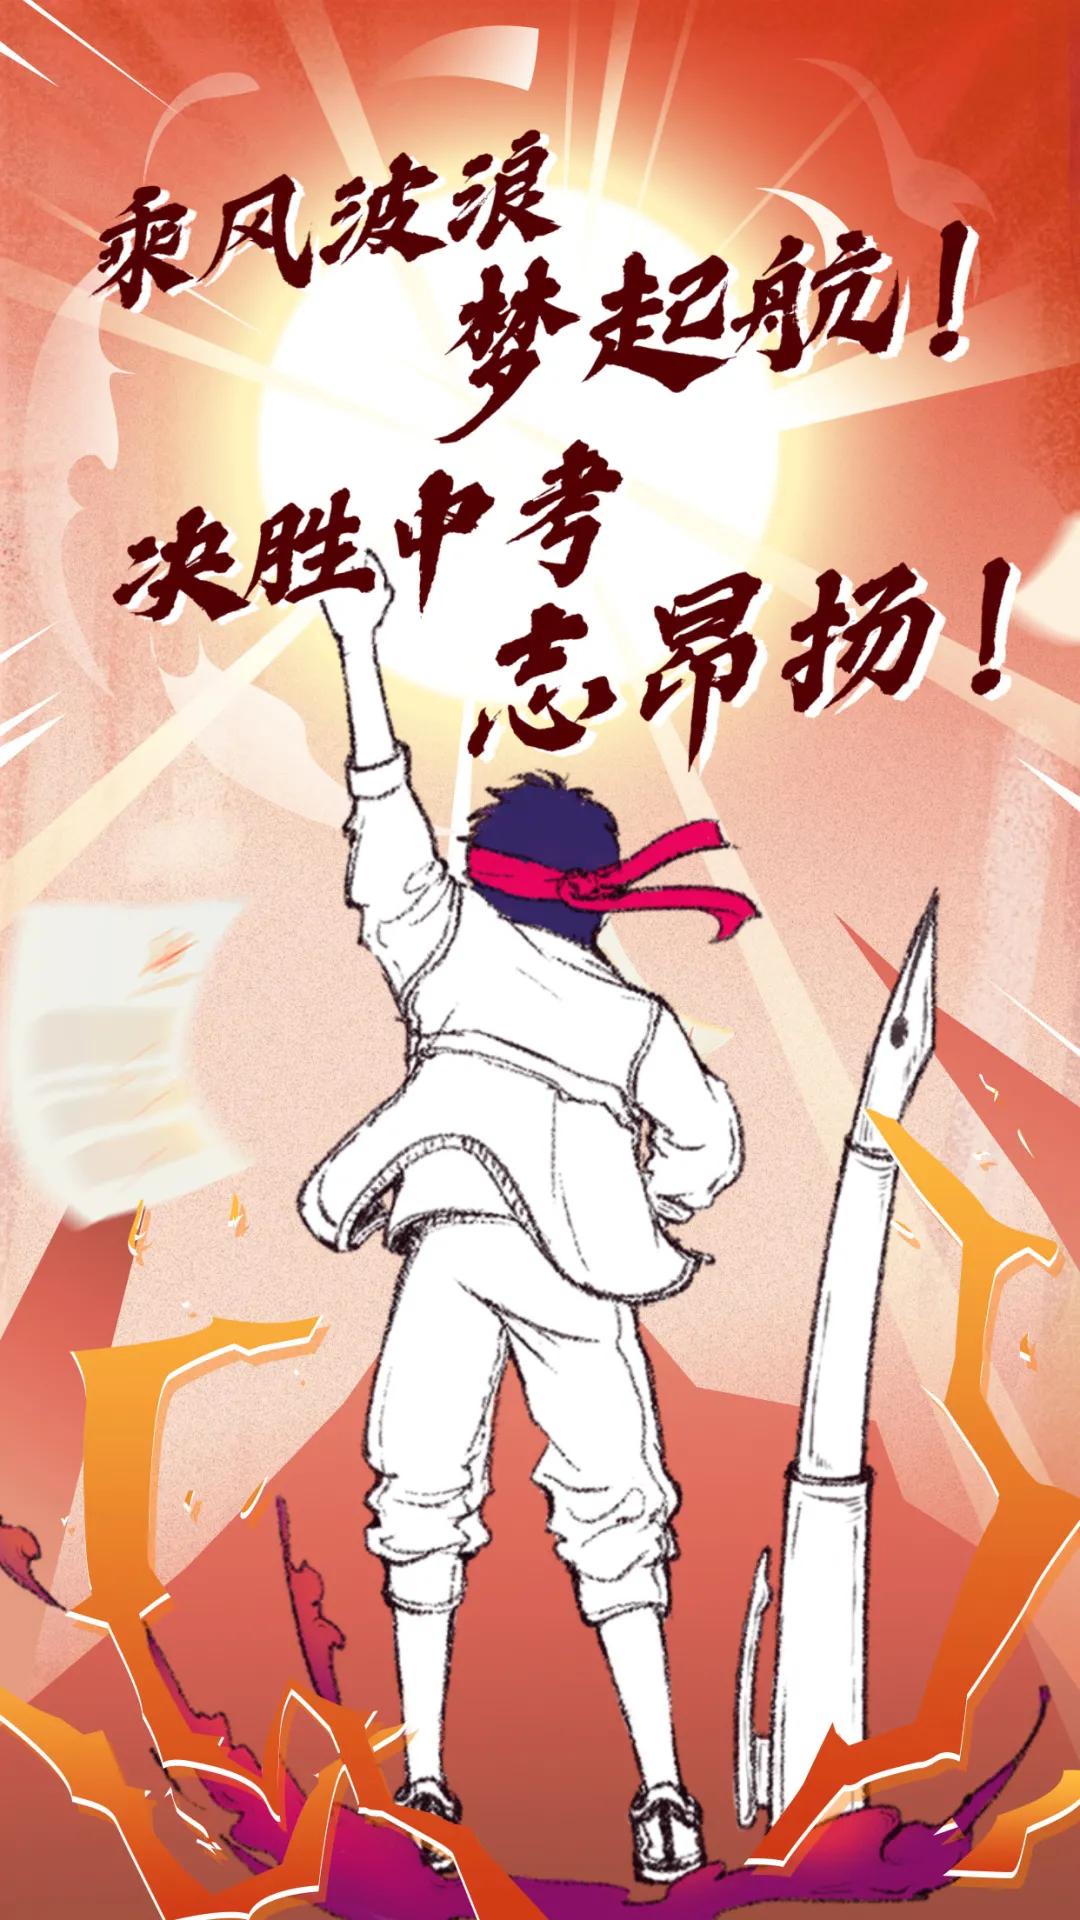 乘风破浪,梦想启航!清河志臻实验中学花式祝福六月中考